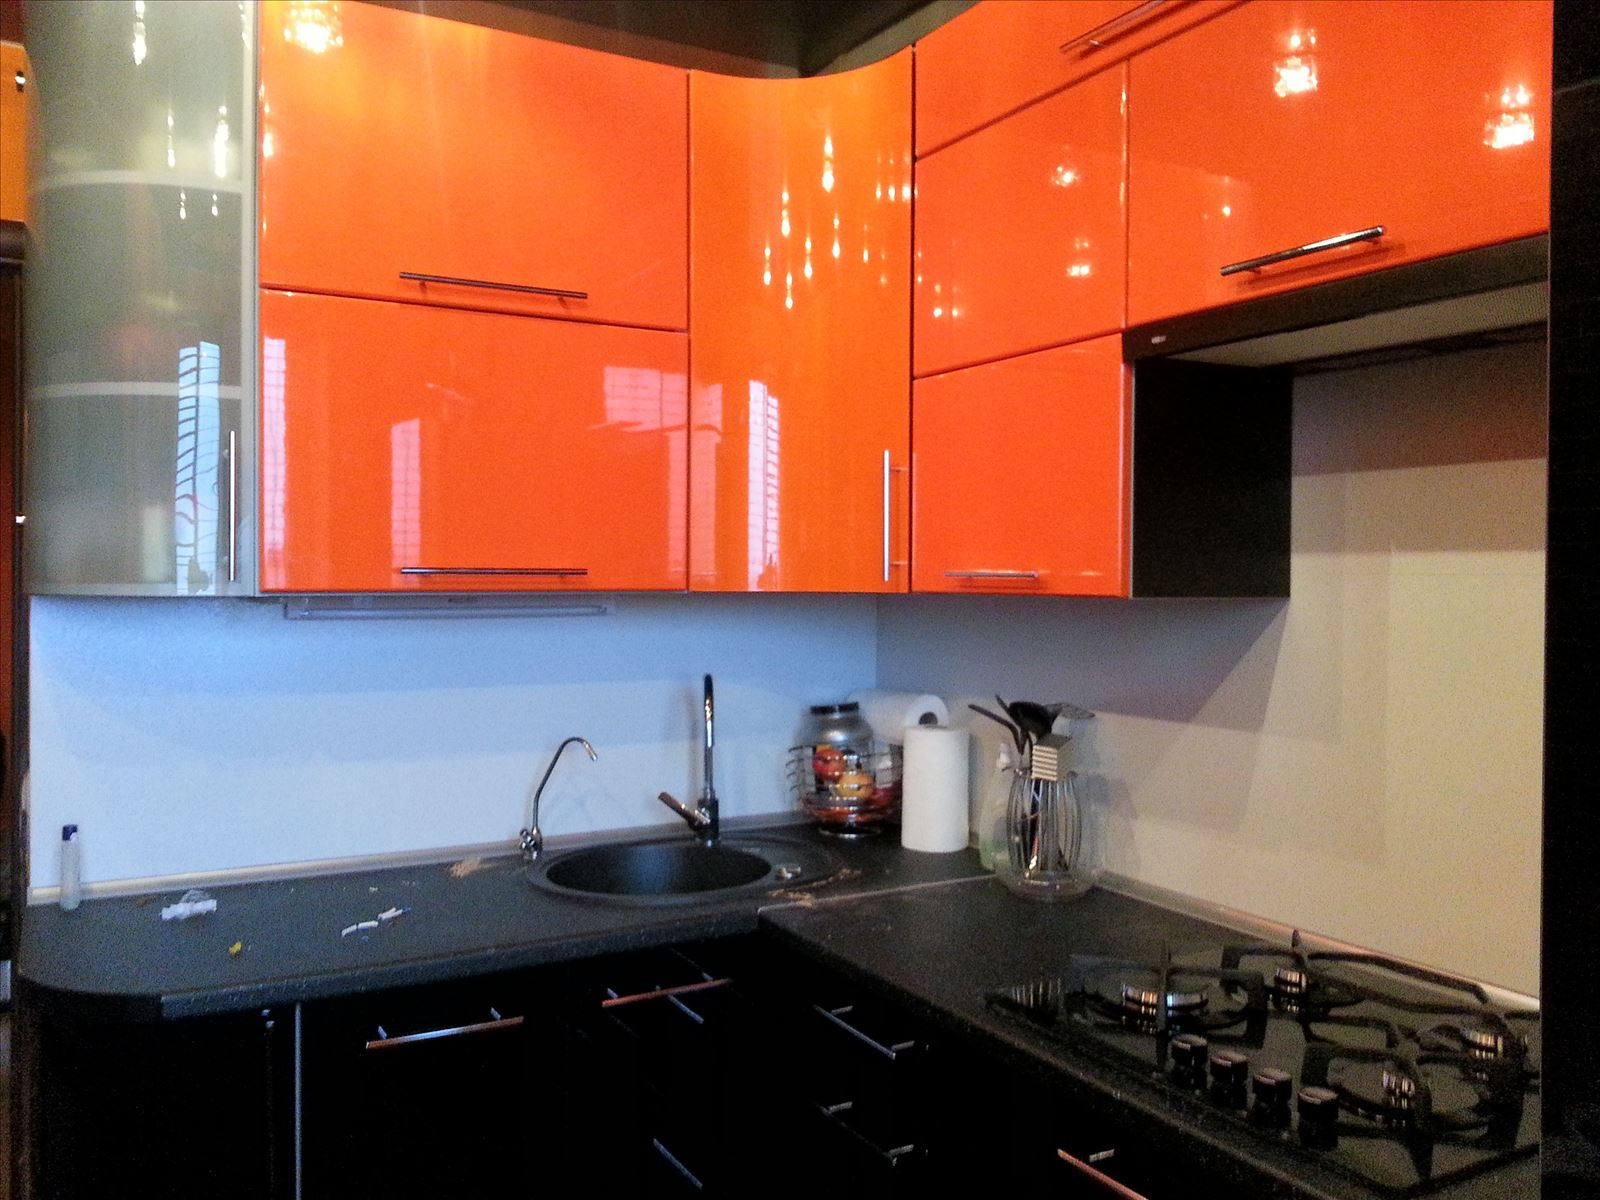 купить трафарет черно оранжевые кухни фото узнали, можно удалить